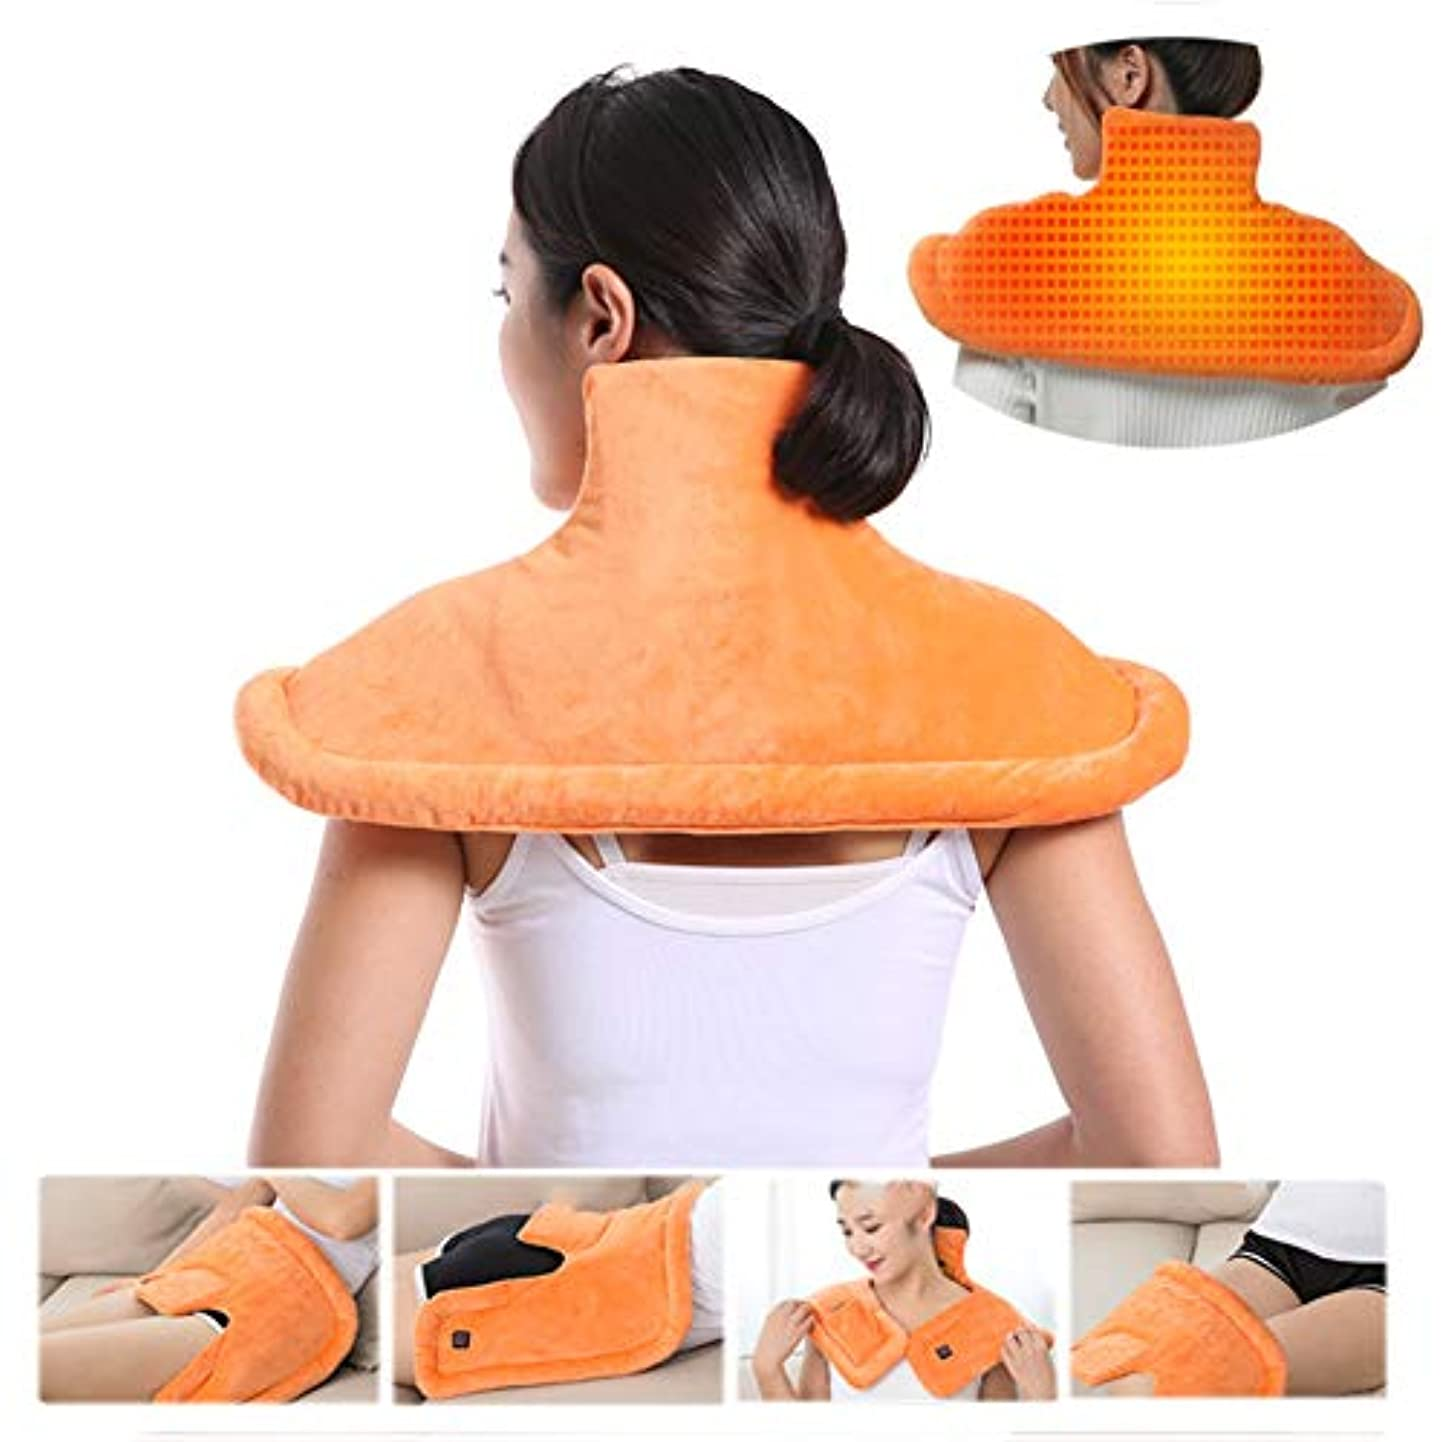 知覚できる光フィットネス首の肩の背部暖房パッド、マッサージのヒートラップの熱くするショールの減圧のための調節可能な強度フルボディマッサージ首の肩暖房湿った熱療法のパッド